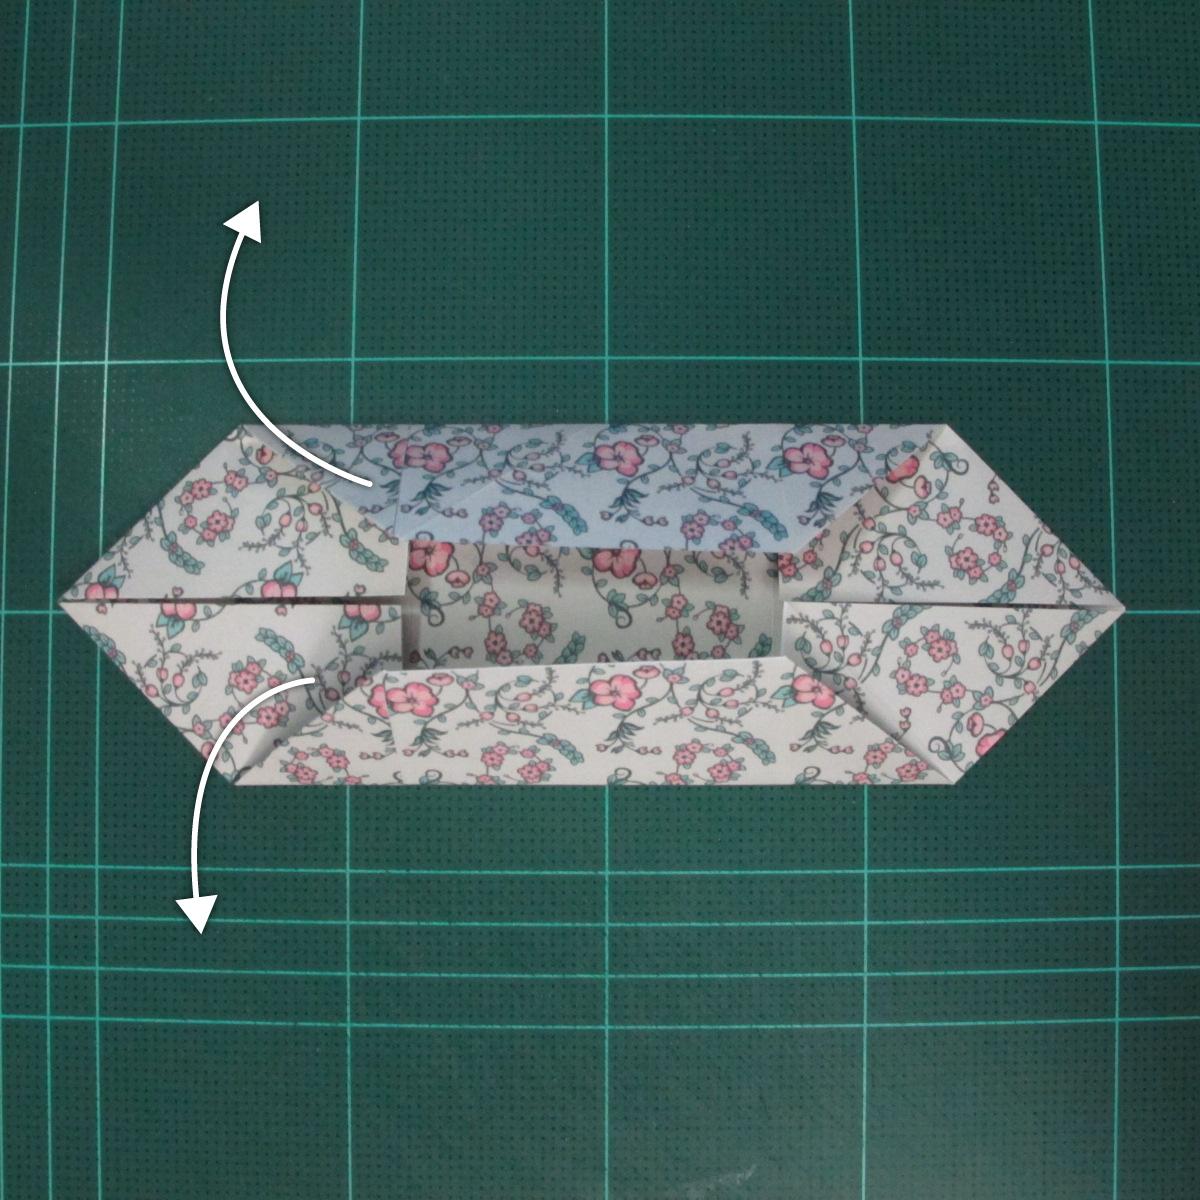 วิธีพับกระดาษรูปหัวใจคู่ (Origami Double Heart)  009